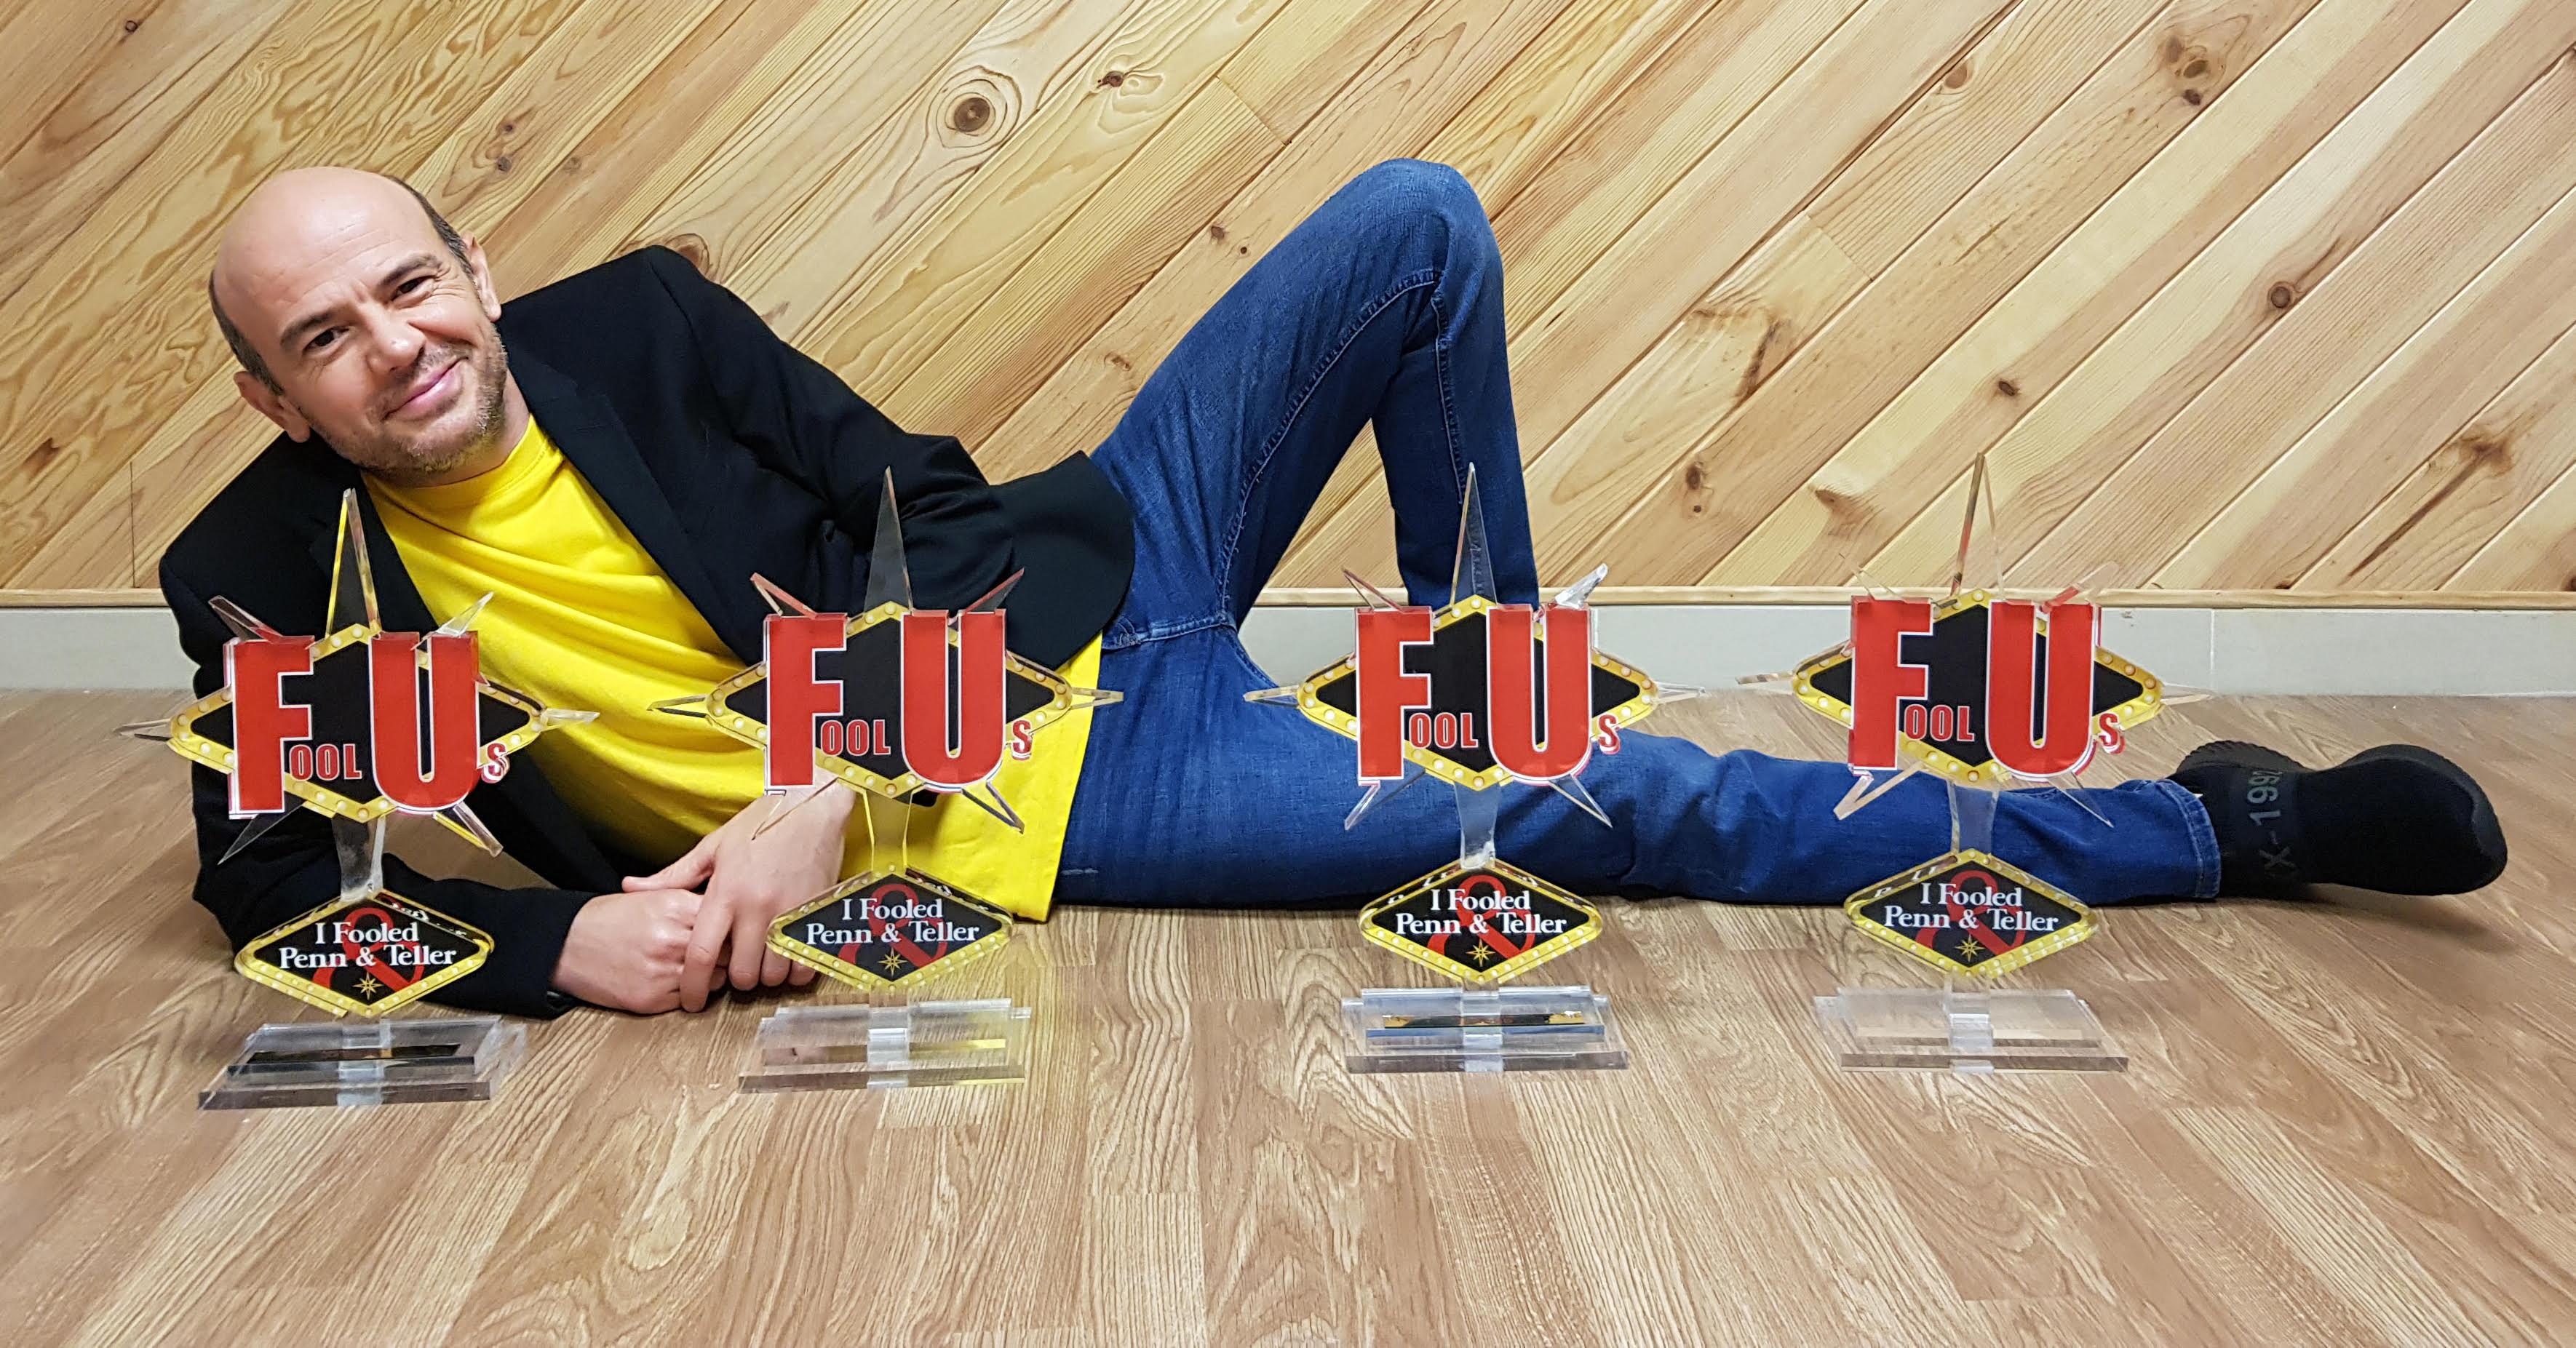 El mago Jandro gana por cuarta vez el Trofeo «Fool Us» en Las Vegas